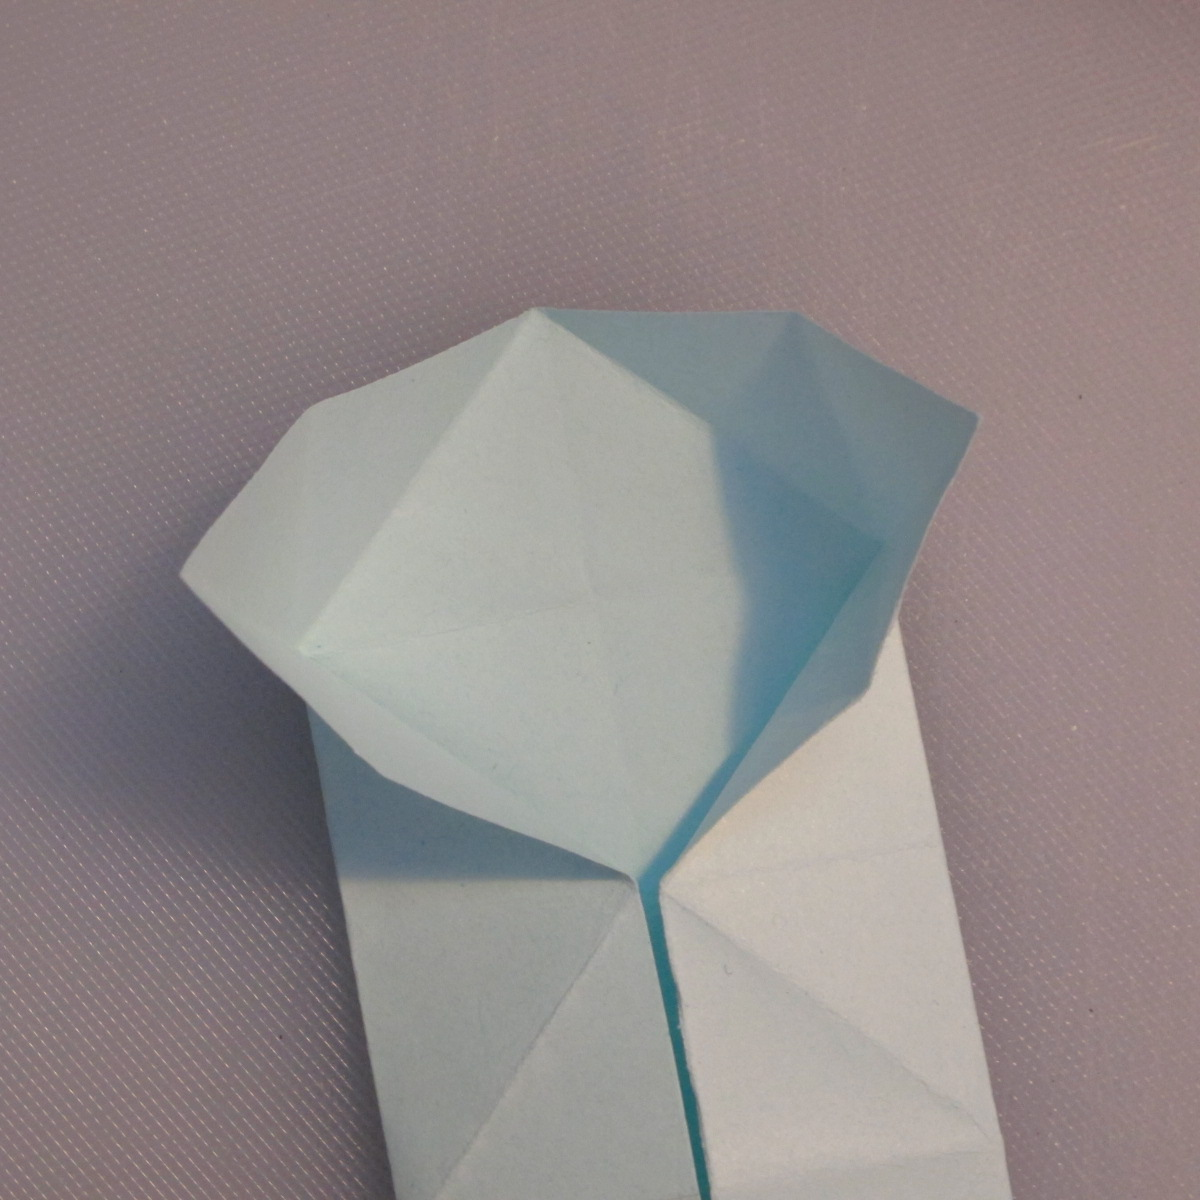 วิธีพับกระดาษเป็นรูปผีเสื้อ 009